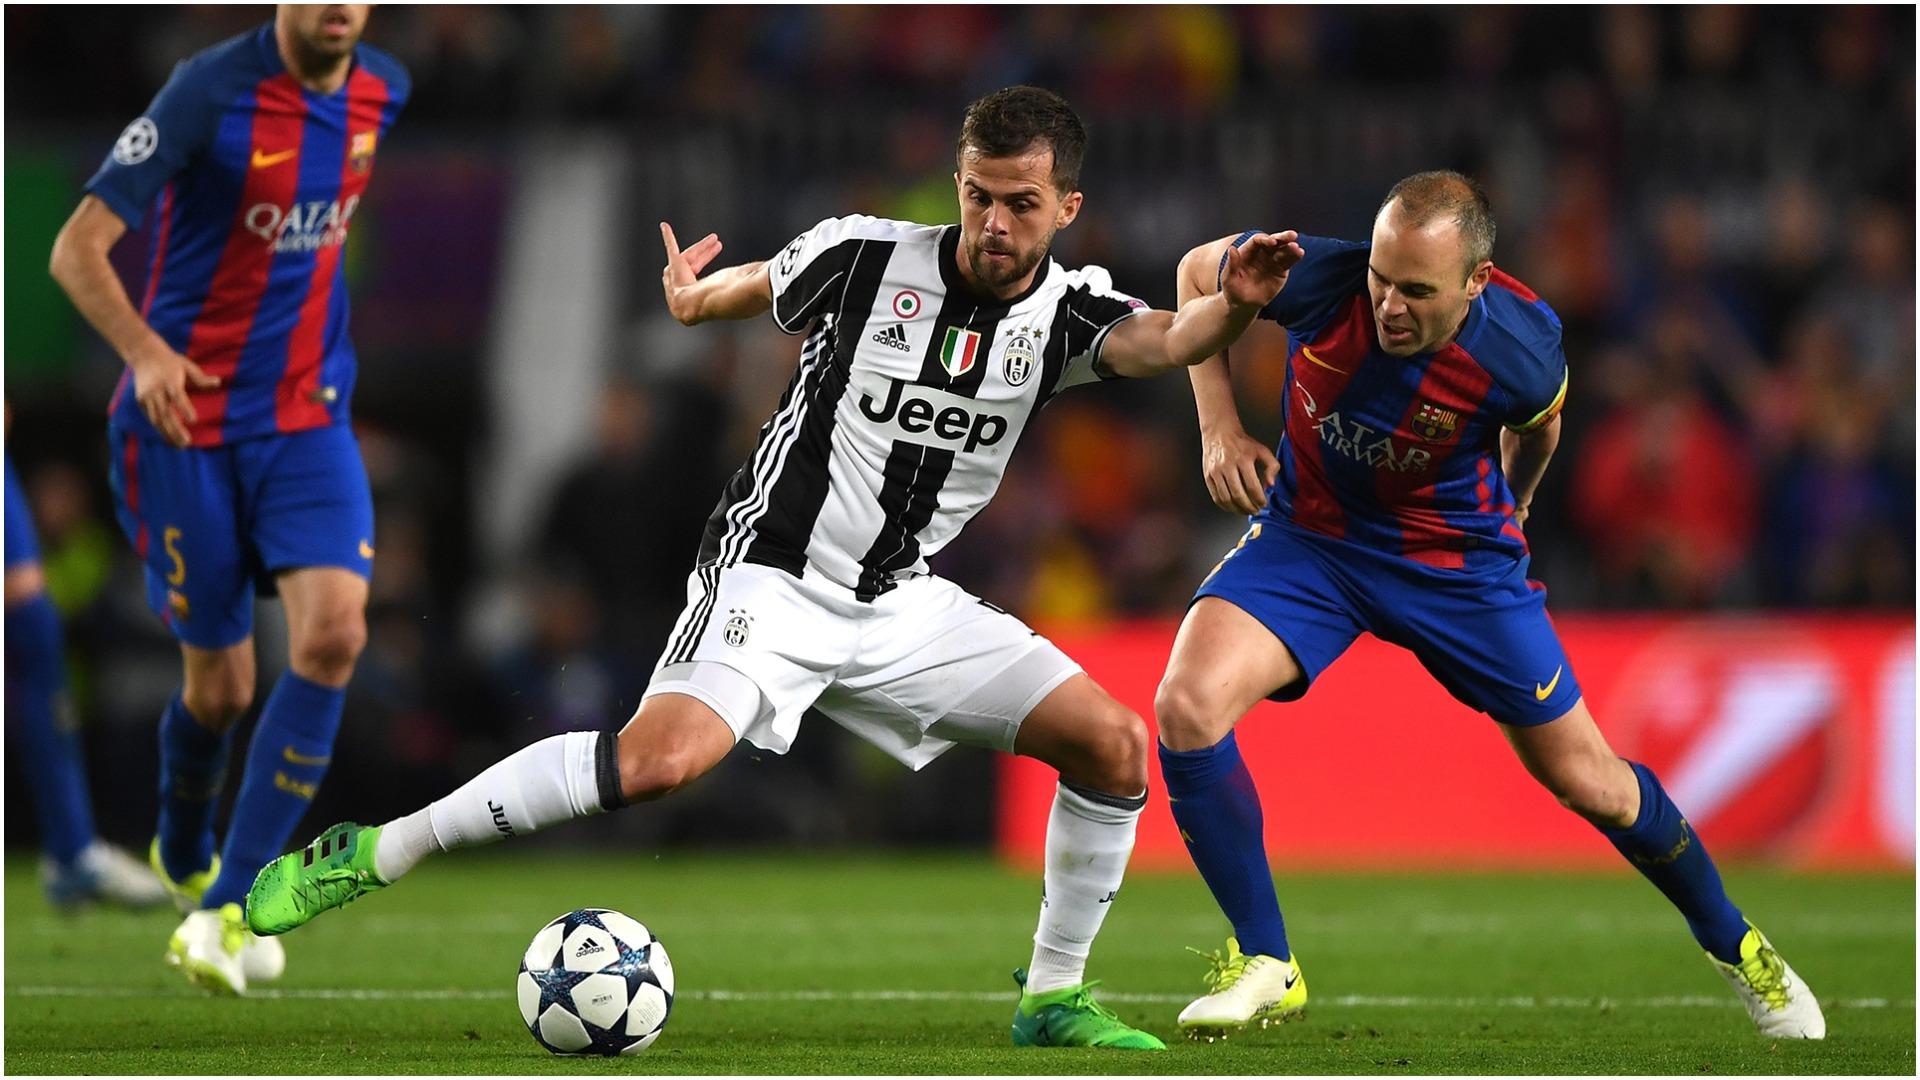 Barcelona merkato në Serie A, zbulohet plani B nëse nuk sigurohet Pjanic